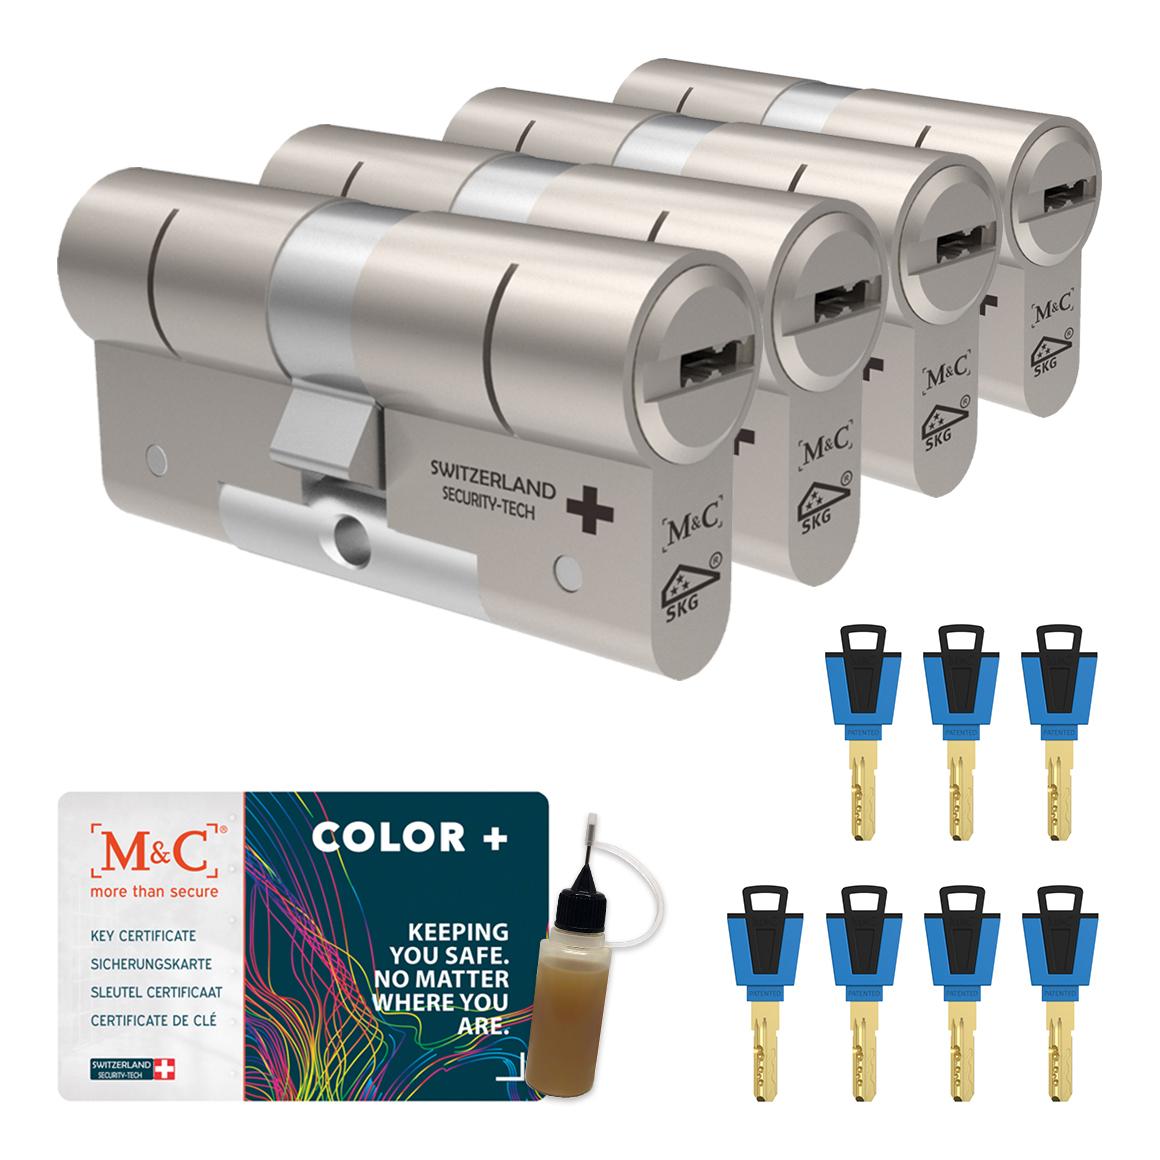 Afbeelding van Cilinderslot M&C Color+ (4 stuks)